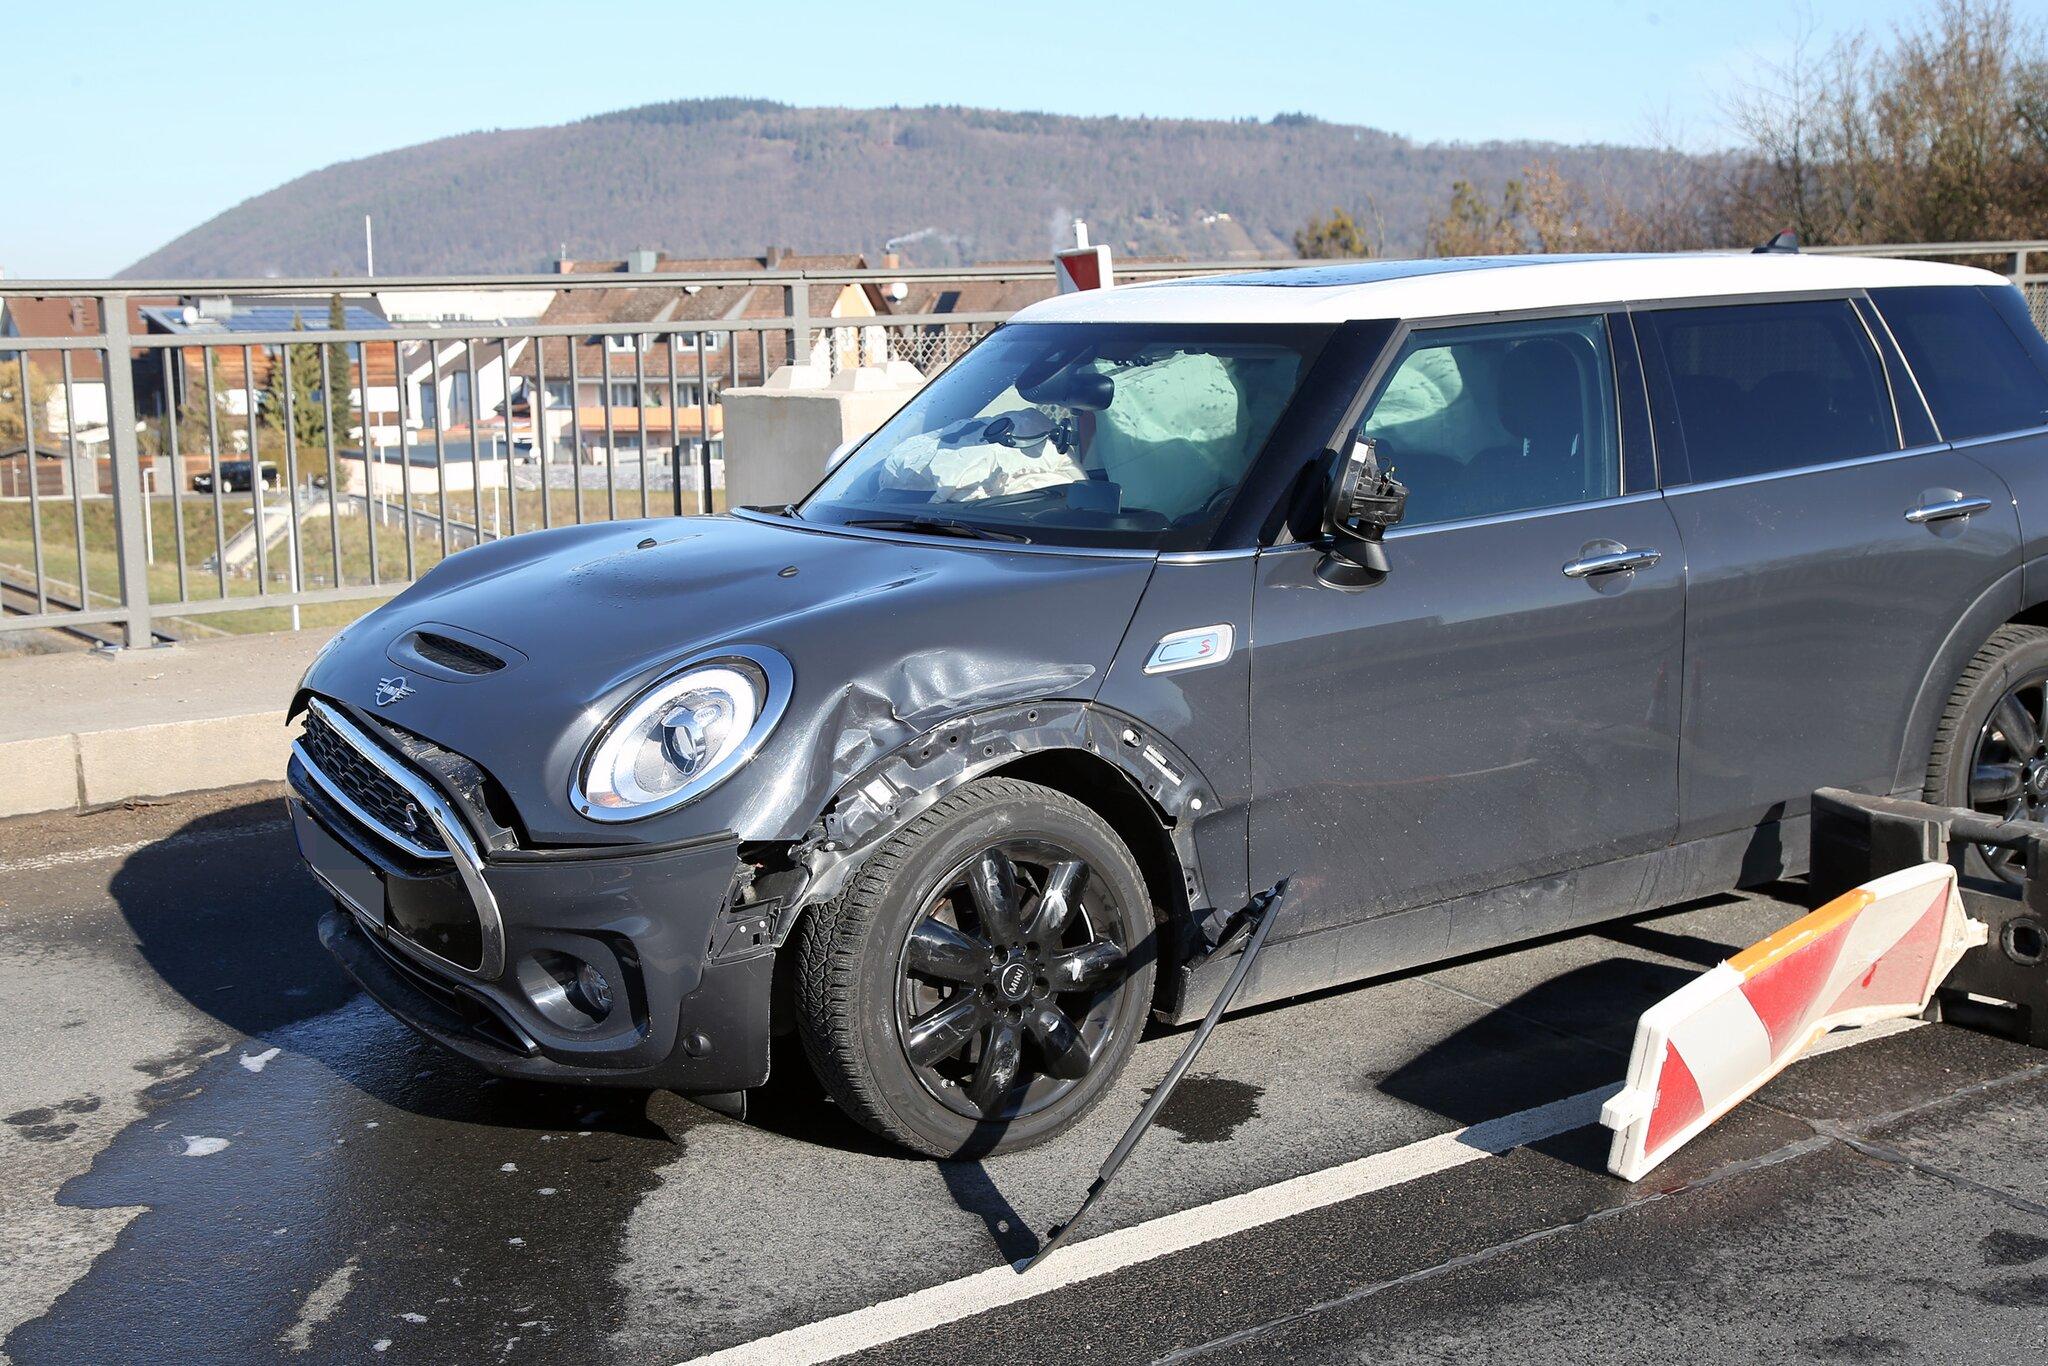 Verkehrsunfall-in-Kleinheubach-am-06-03-2021